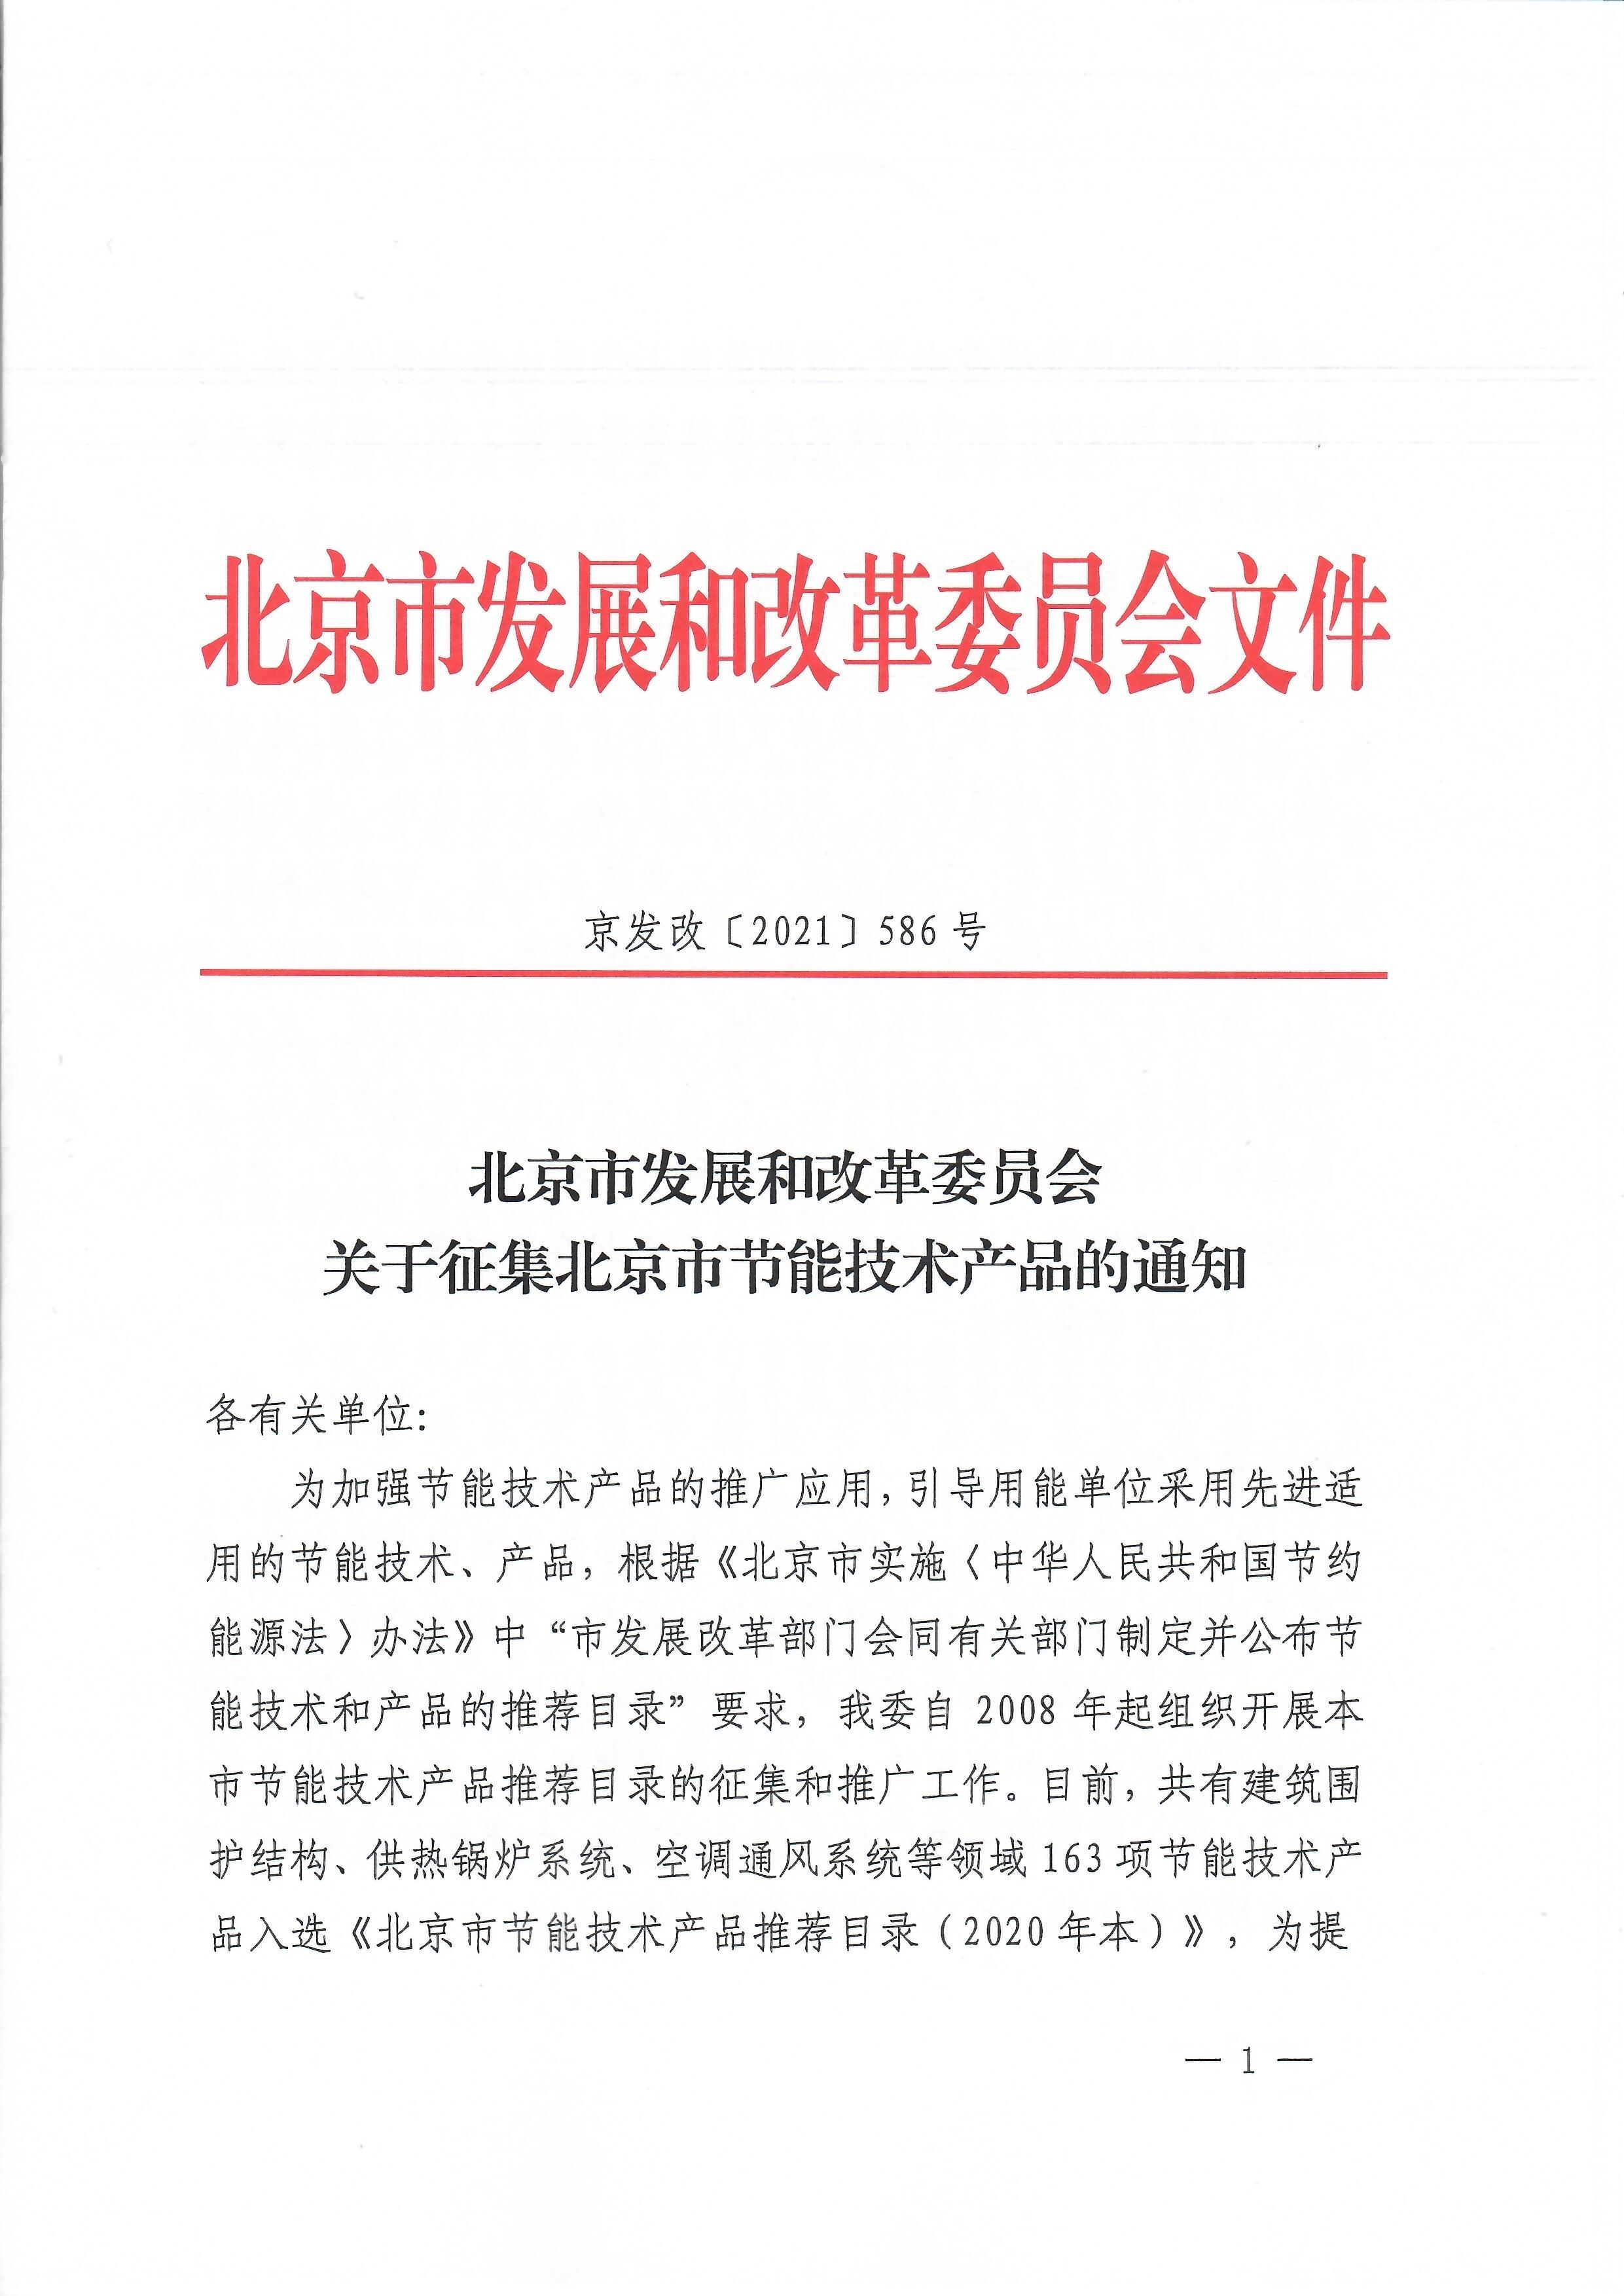 北京市节能技术产品征集通知_页面_01.jpg